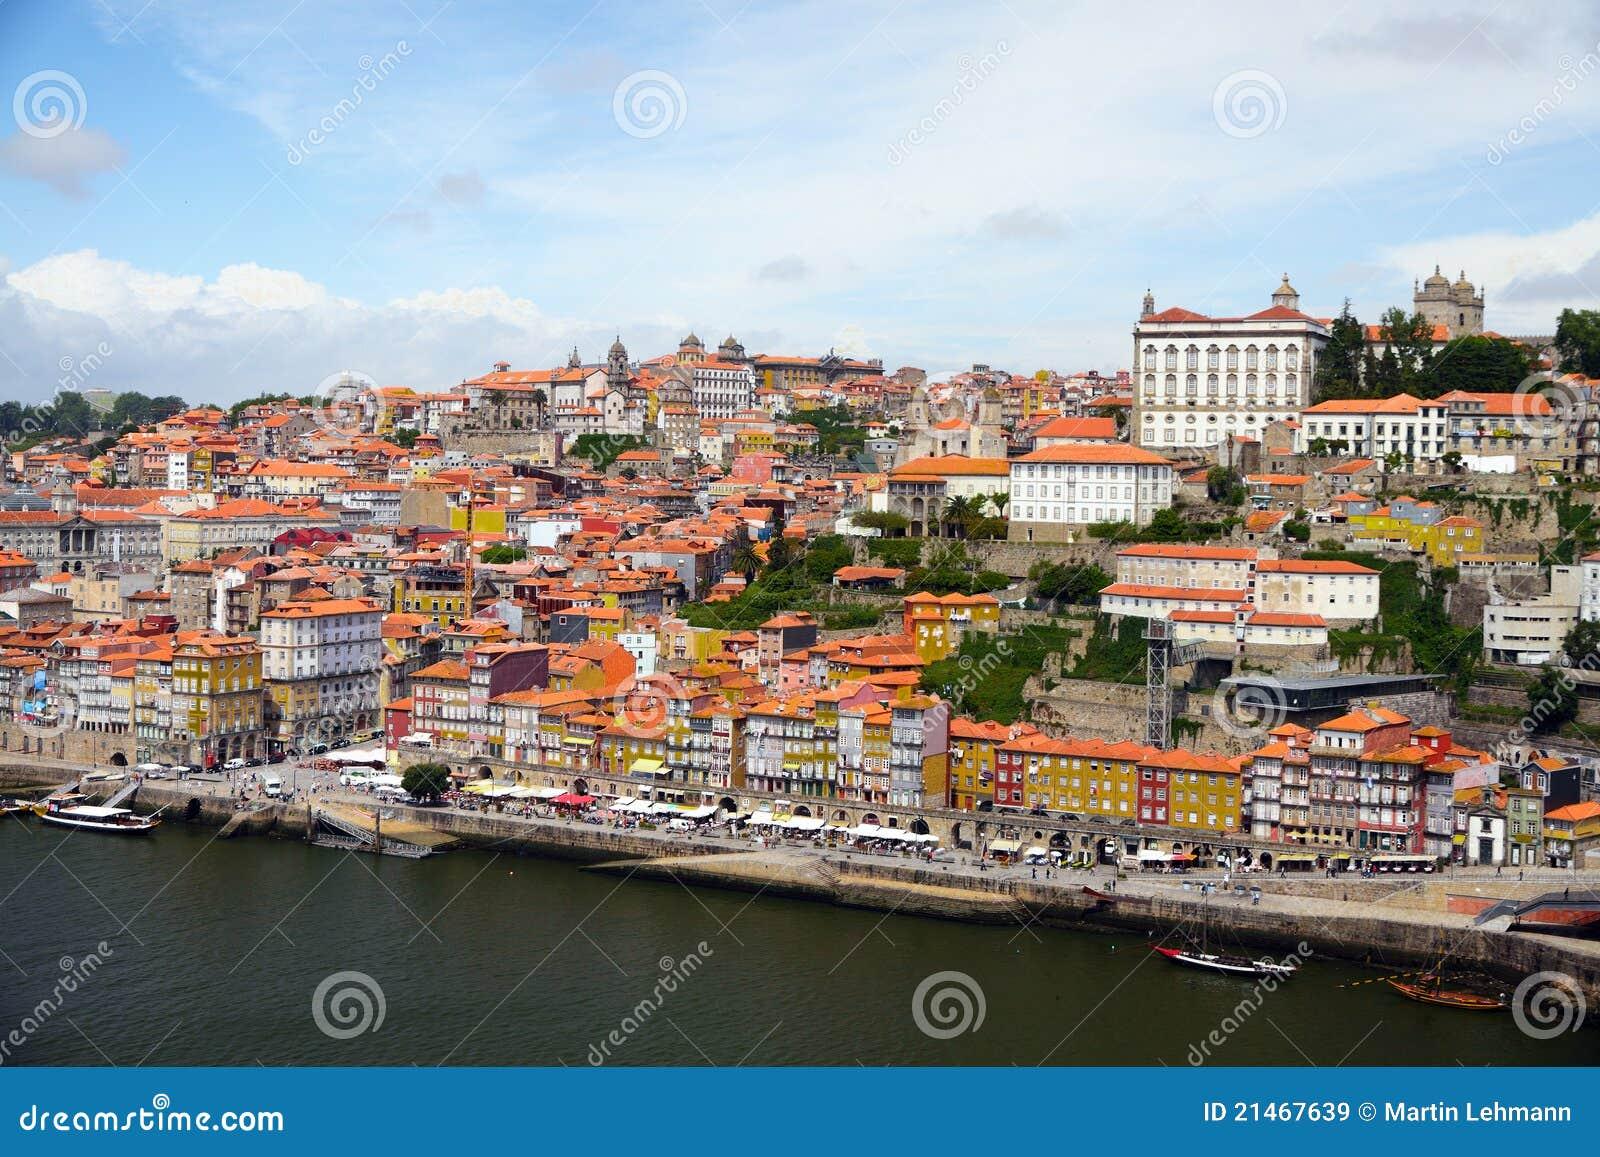 Porto In Portugal Historic City Centre Stock Photo Image 47150749